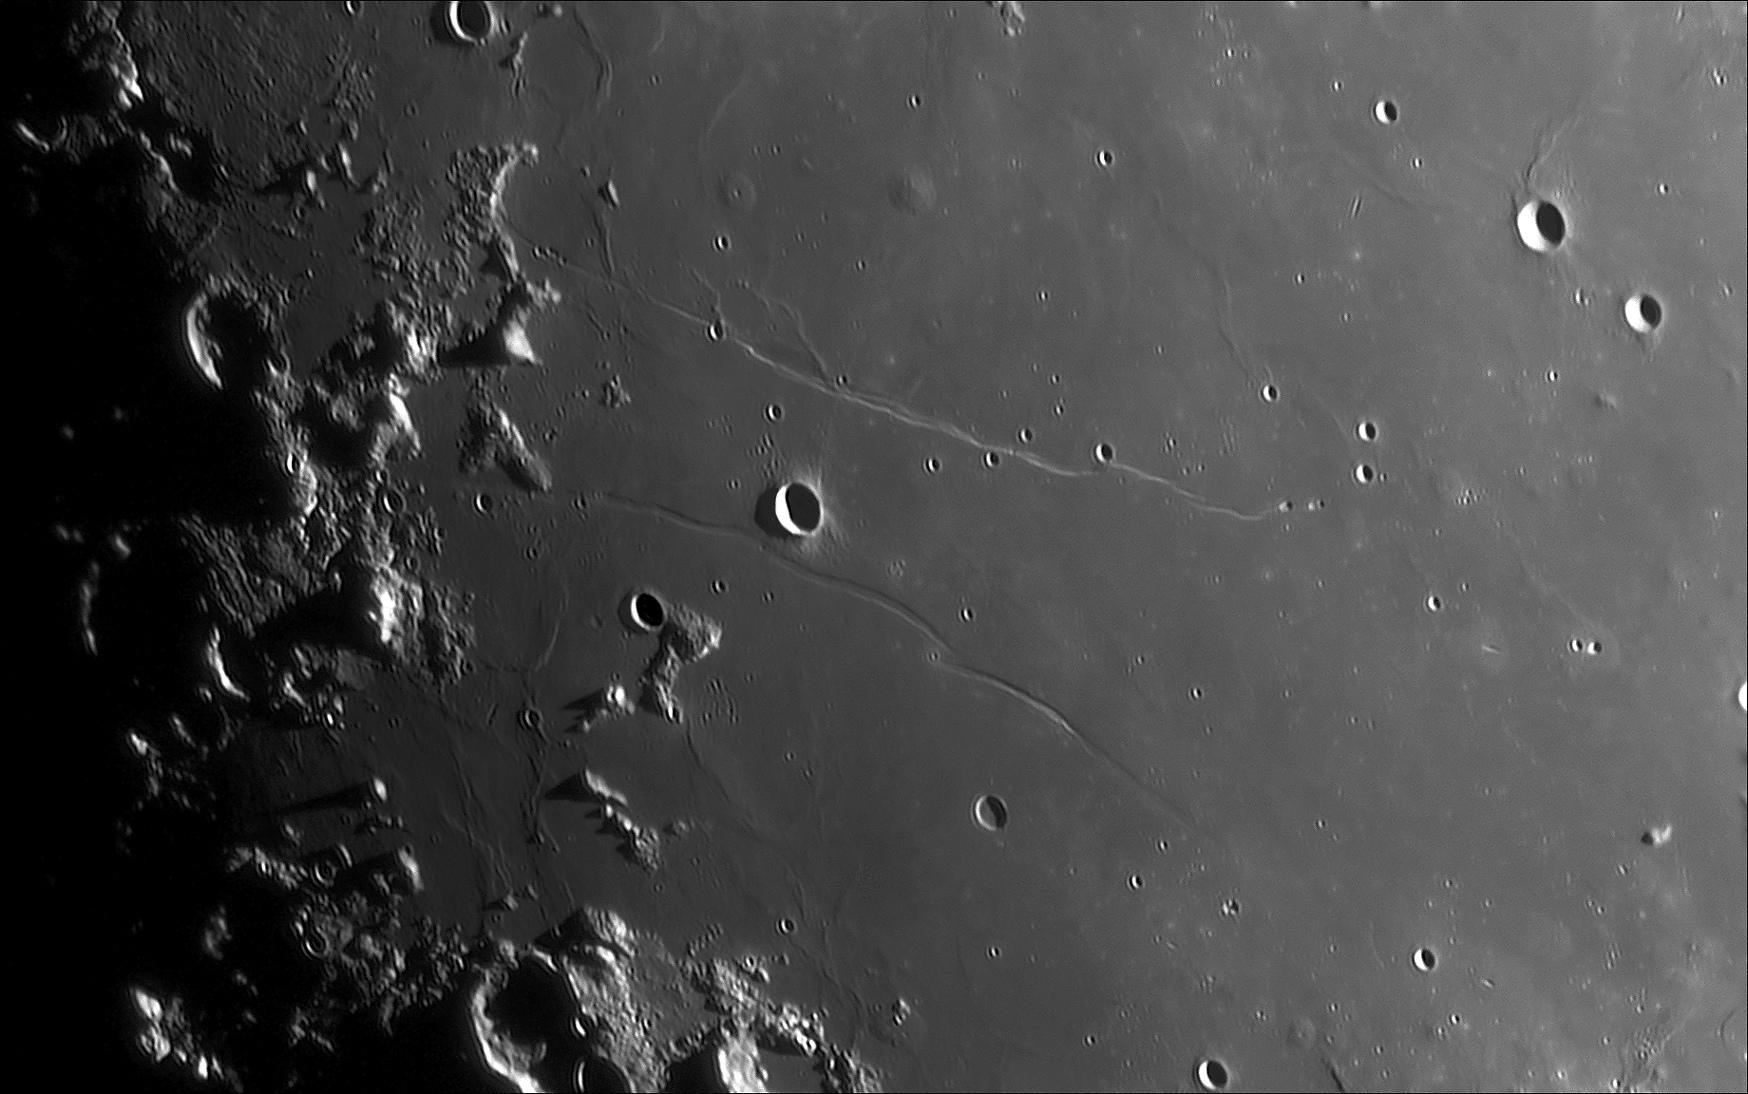 Cauchy du 25 septembre 2021 VMC 260 JPEG.jpg